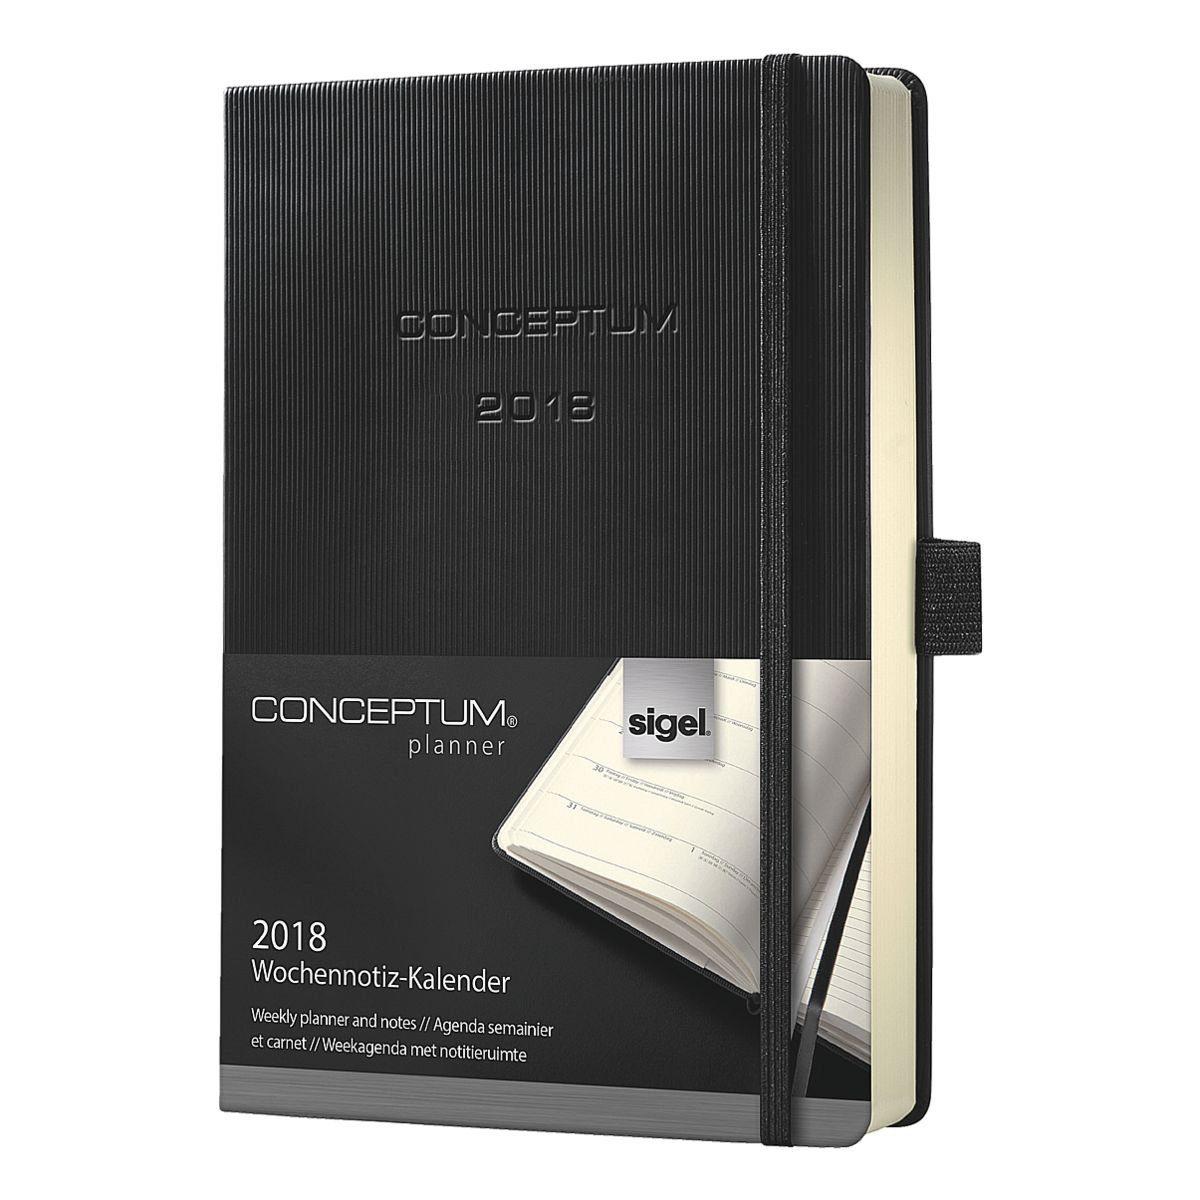 Sigel Wochennotizkalender 2018 »Conceptum«